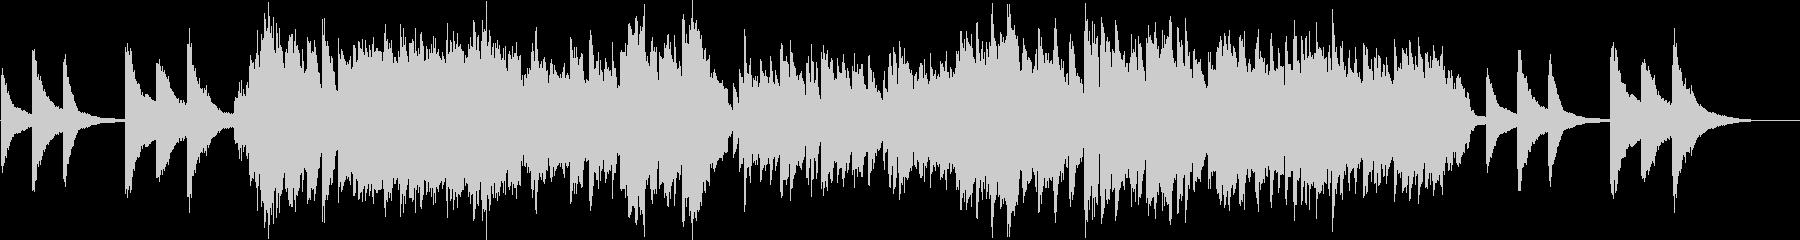 静かで切ないチェロとピアノの二重奏の未再生の波形